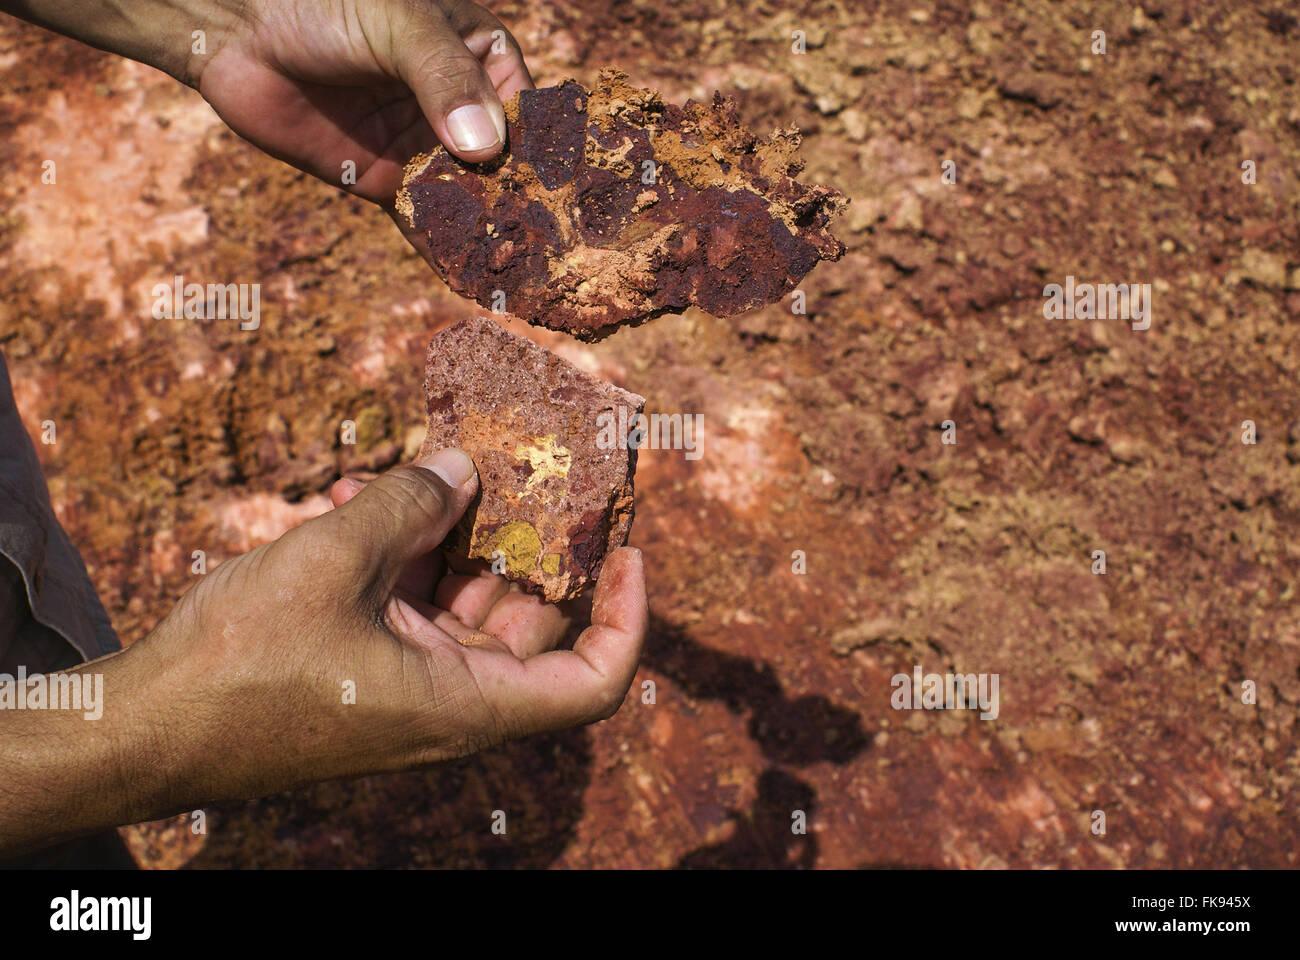 Il confronto tra questo e la bauxite o non - La bauxite e il più pietra rossastra nella mano sinistra Immagini Stock